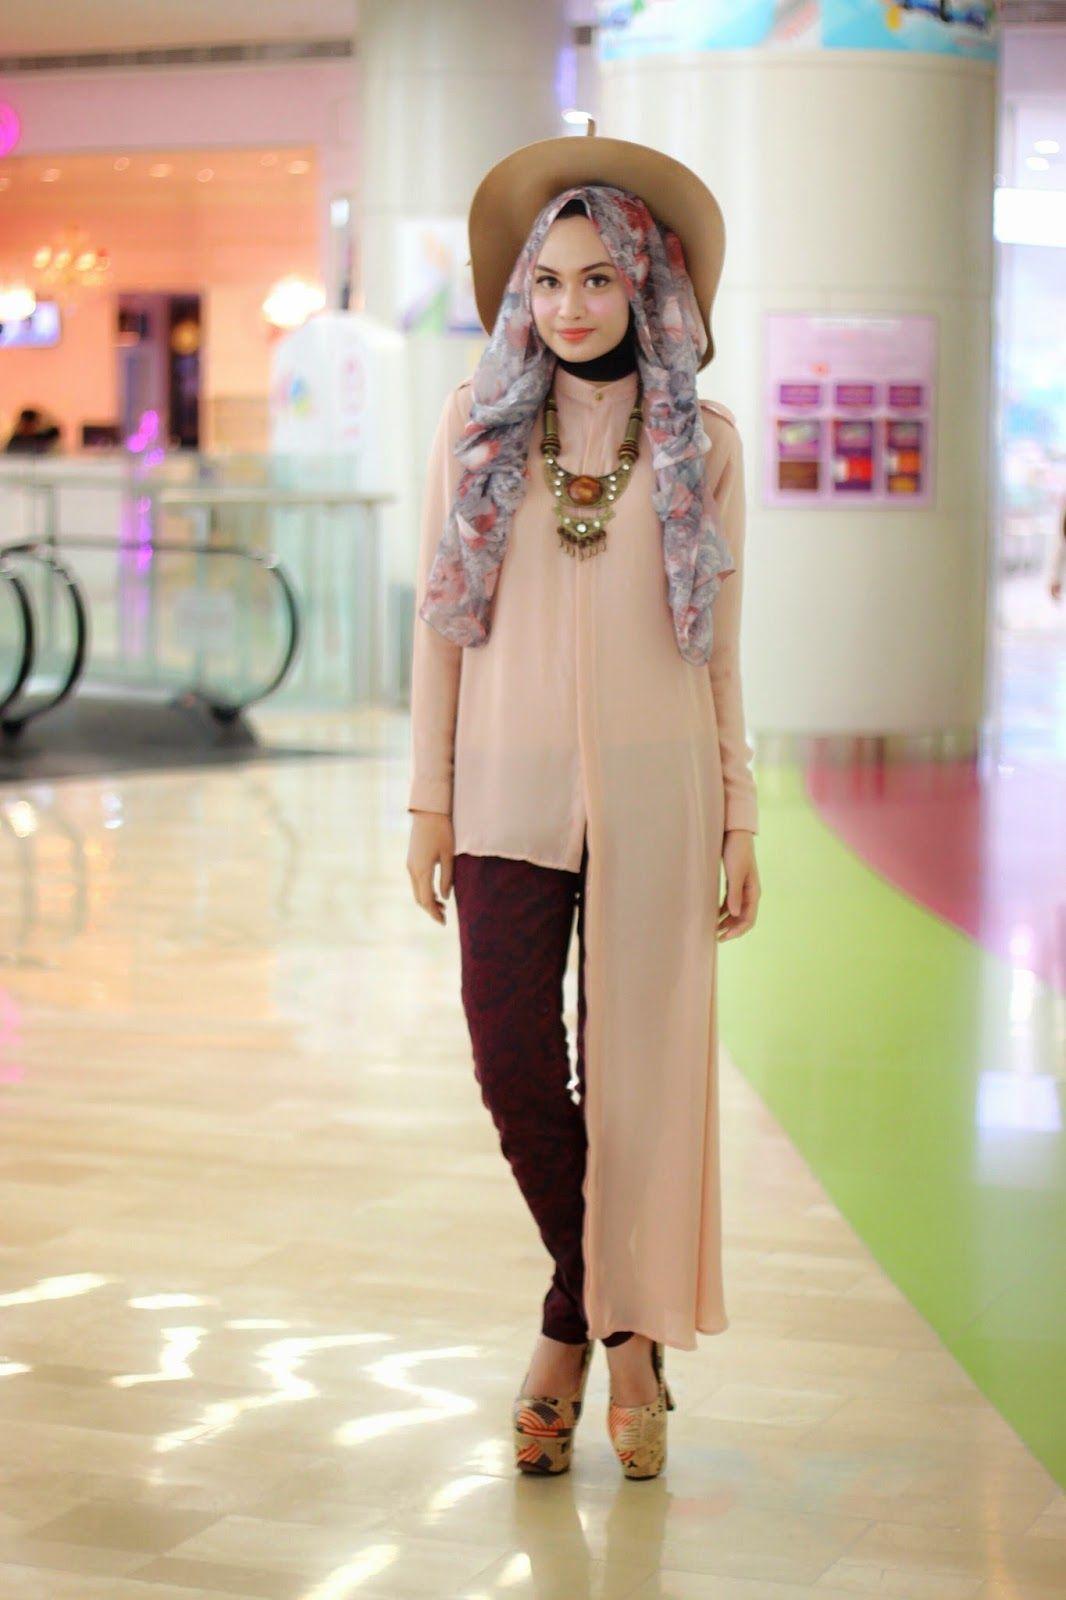 Hijab Hunt Shella Alaztha Hijab Modesty Pinterest Nuest